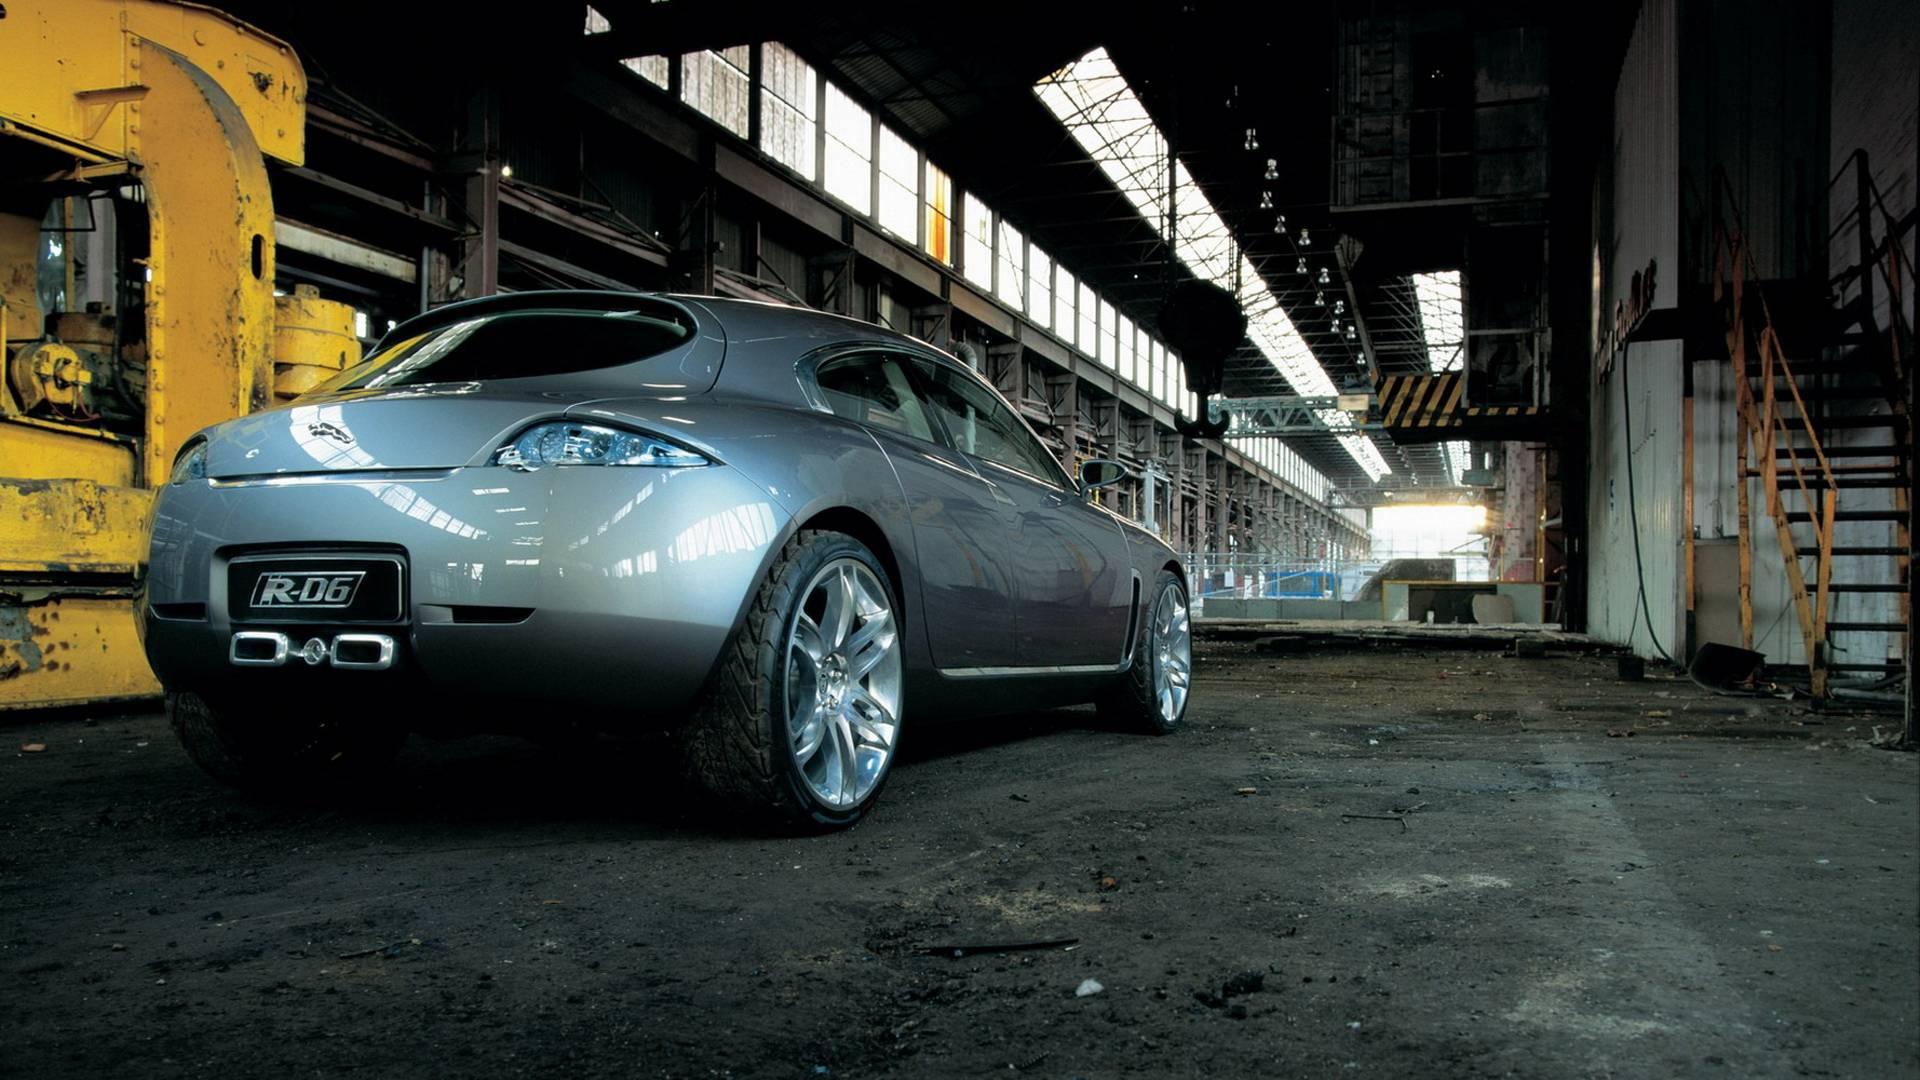 2003-jaguar-r-d6-concept10